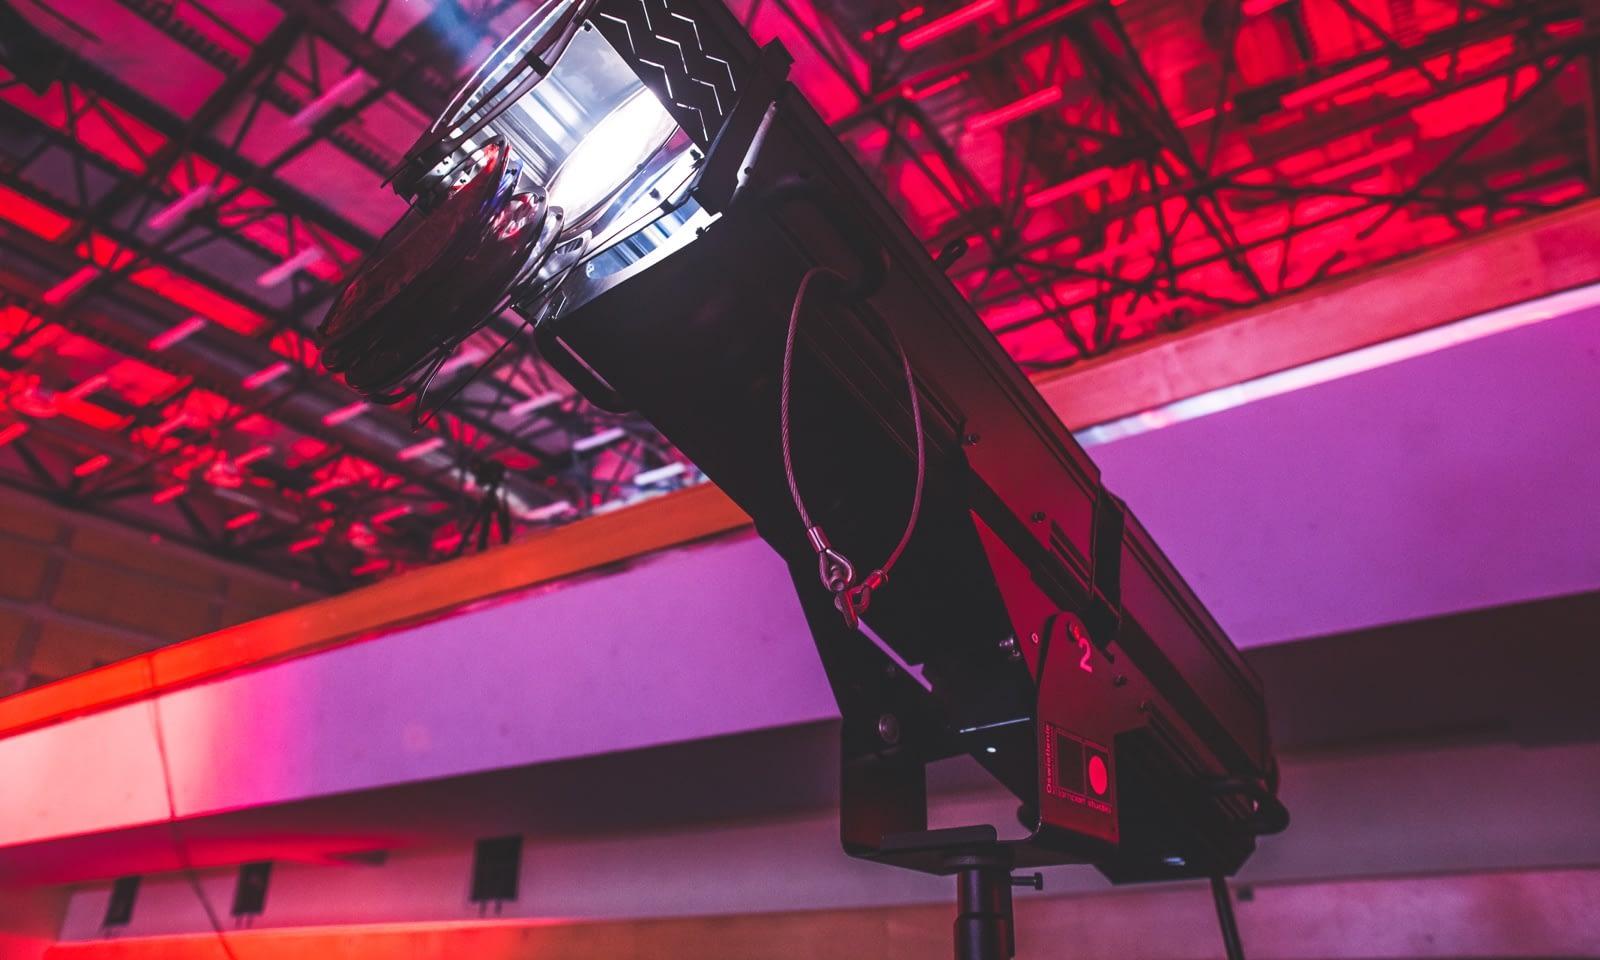 Wielka Gala Integracji 2017 - Brill AV media techniczna obsługa eventów